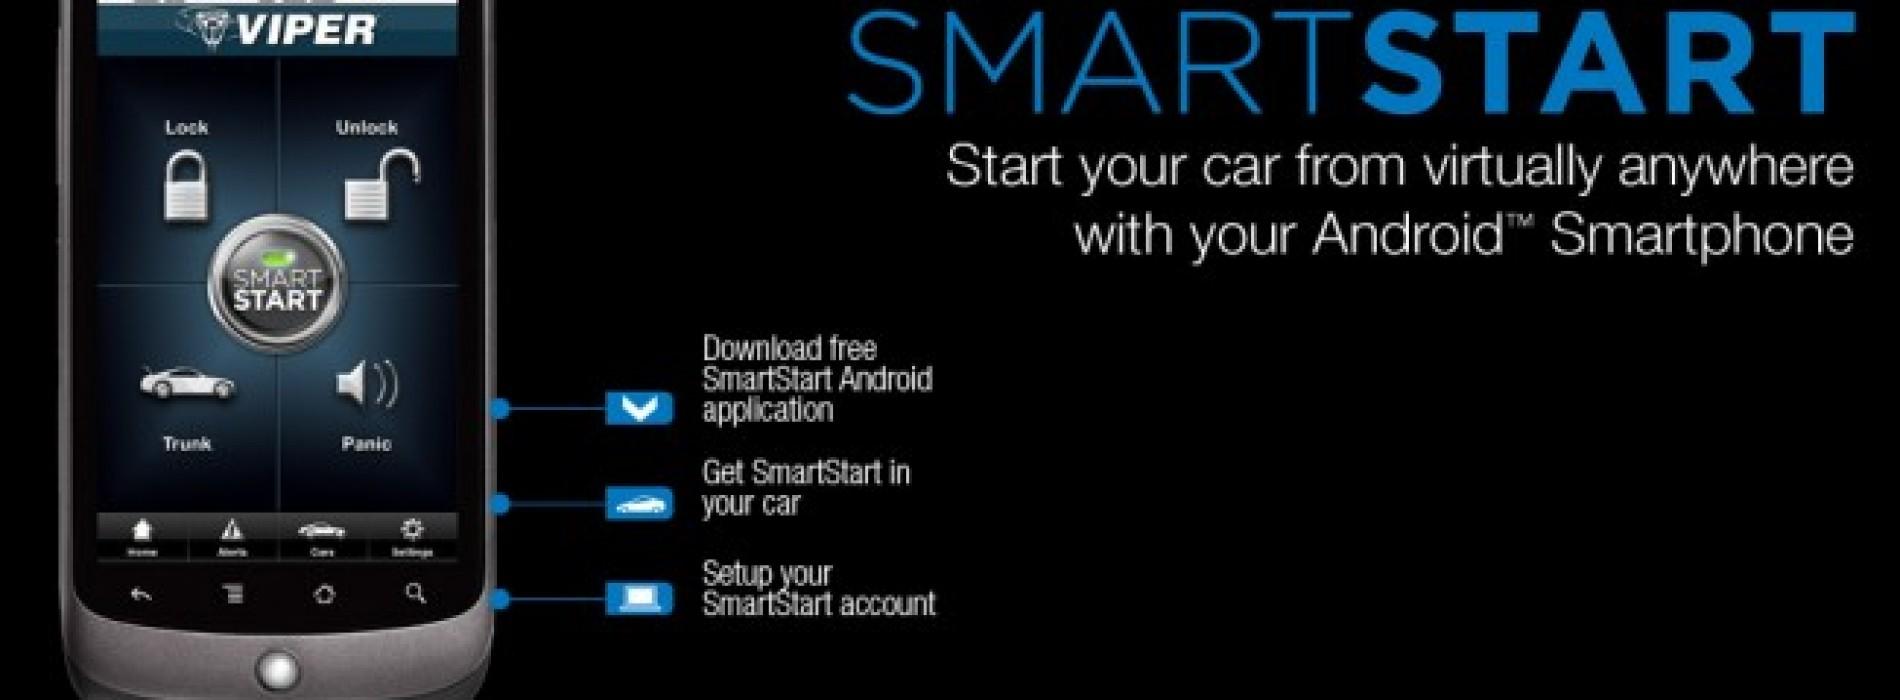 Viper SmartStart Announces Version 3.0 at CES